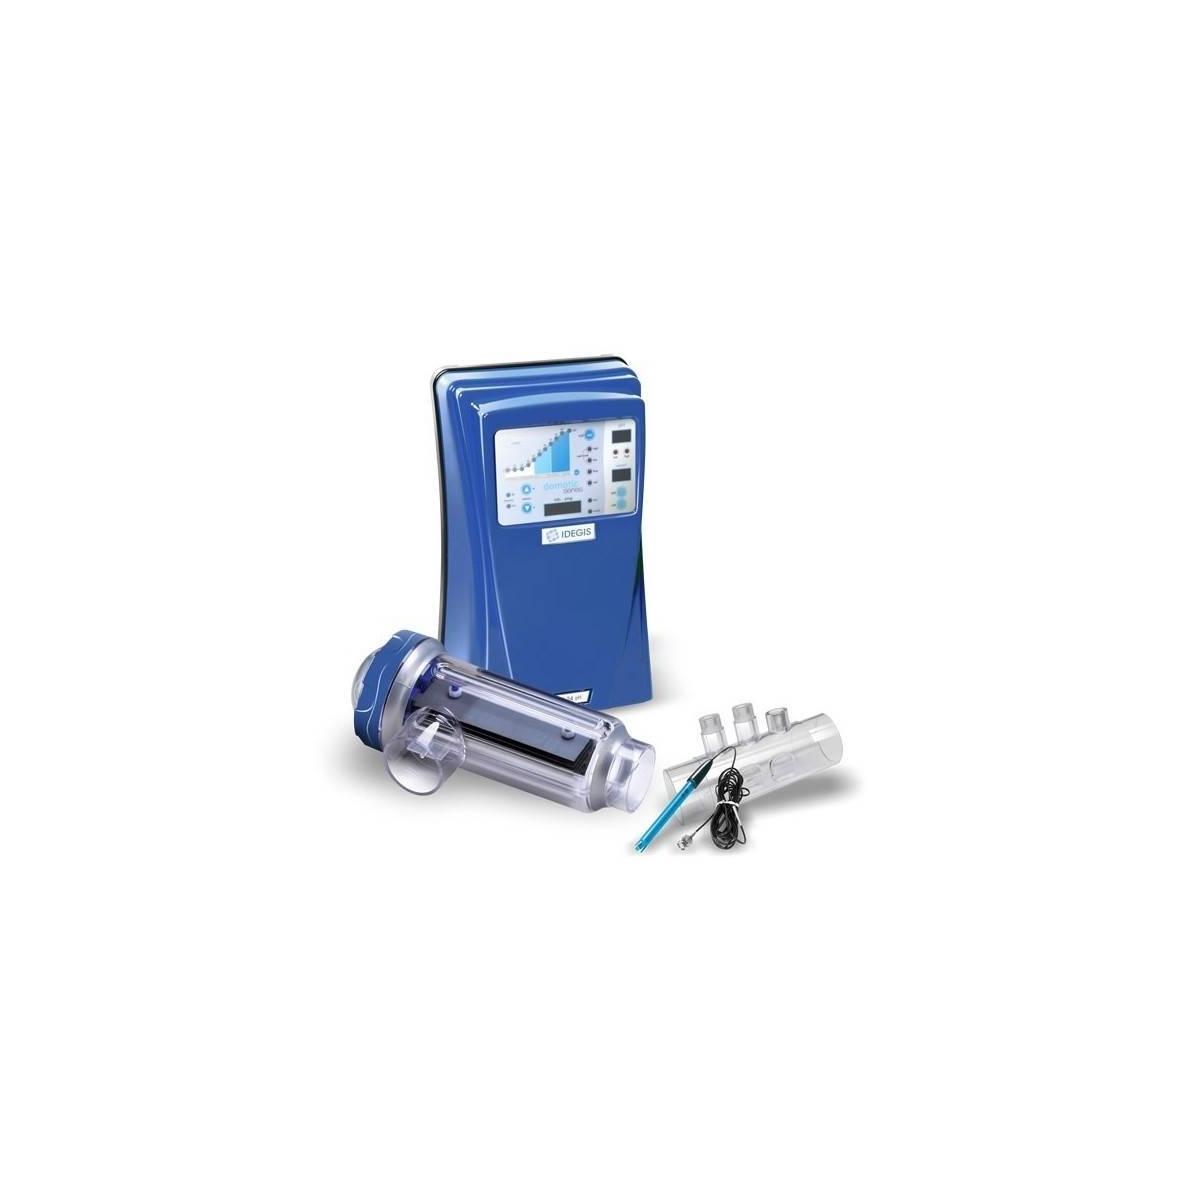 Clorador salino Idegis Domotic con control pH